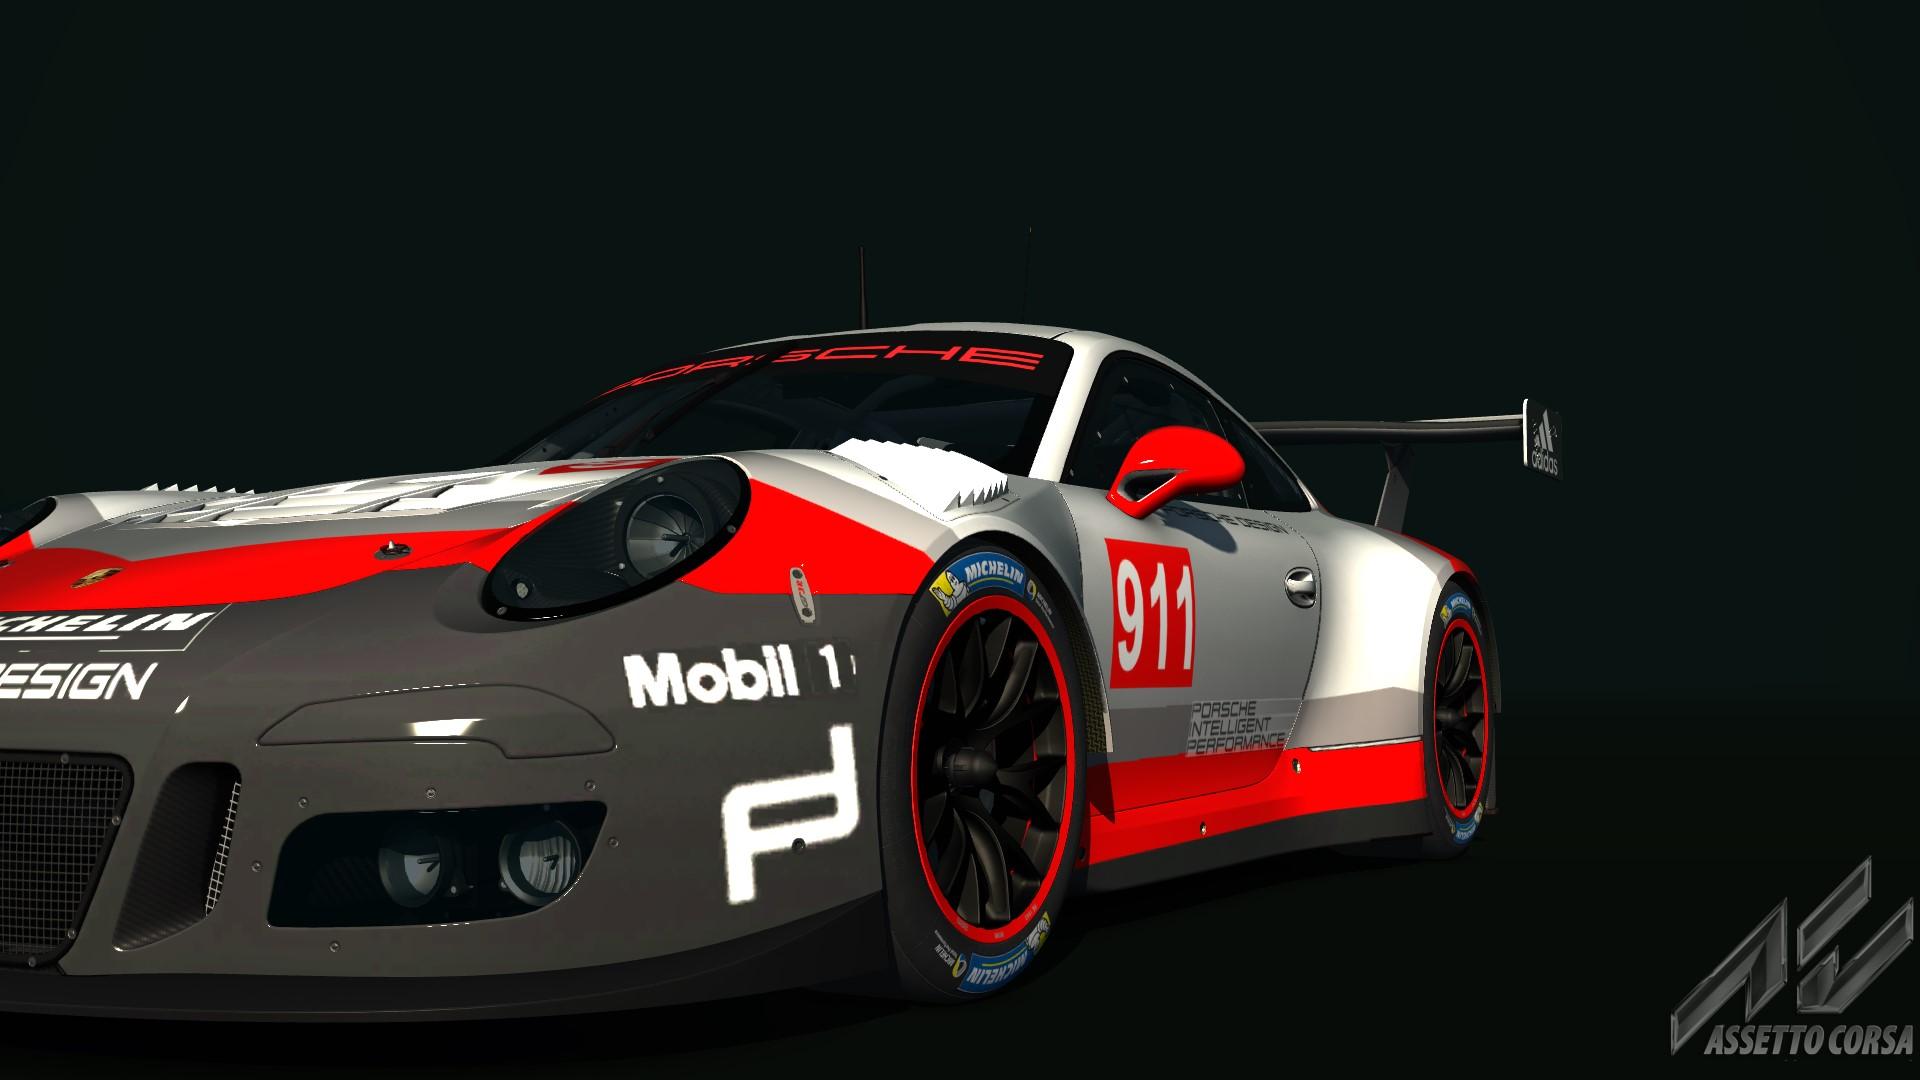 porsche 911 rsr 2017 update logo racedepartment latest formula 1 motorsport and sim. Black Bedroom Furniture Sets. Home Design Ideas